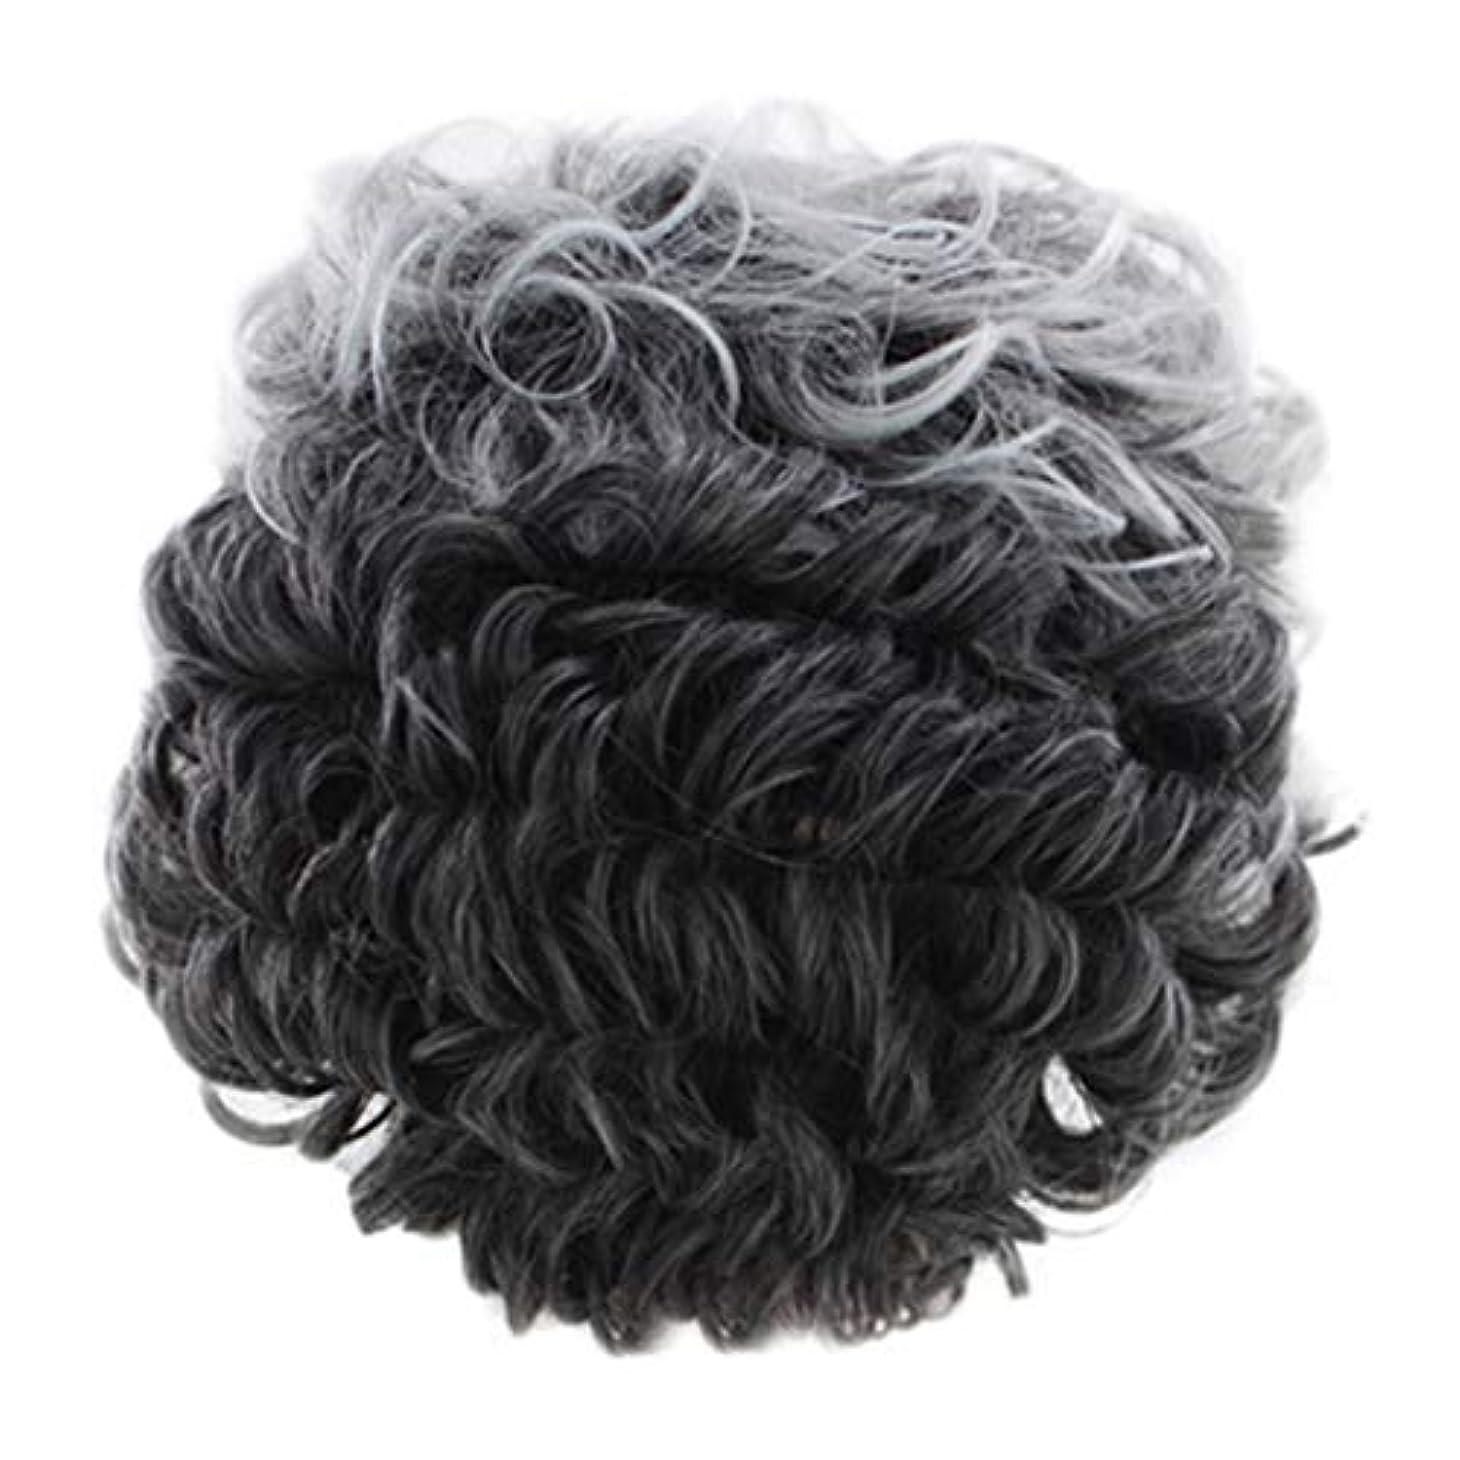 カレンダーからに変化するクラフト女性のかつらグレー短い巻き毛のファッションセクシーなかつらローズネット